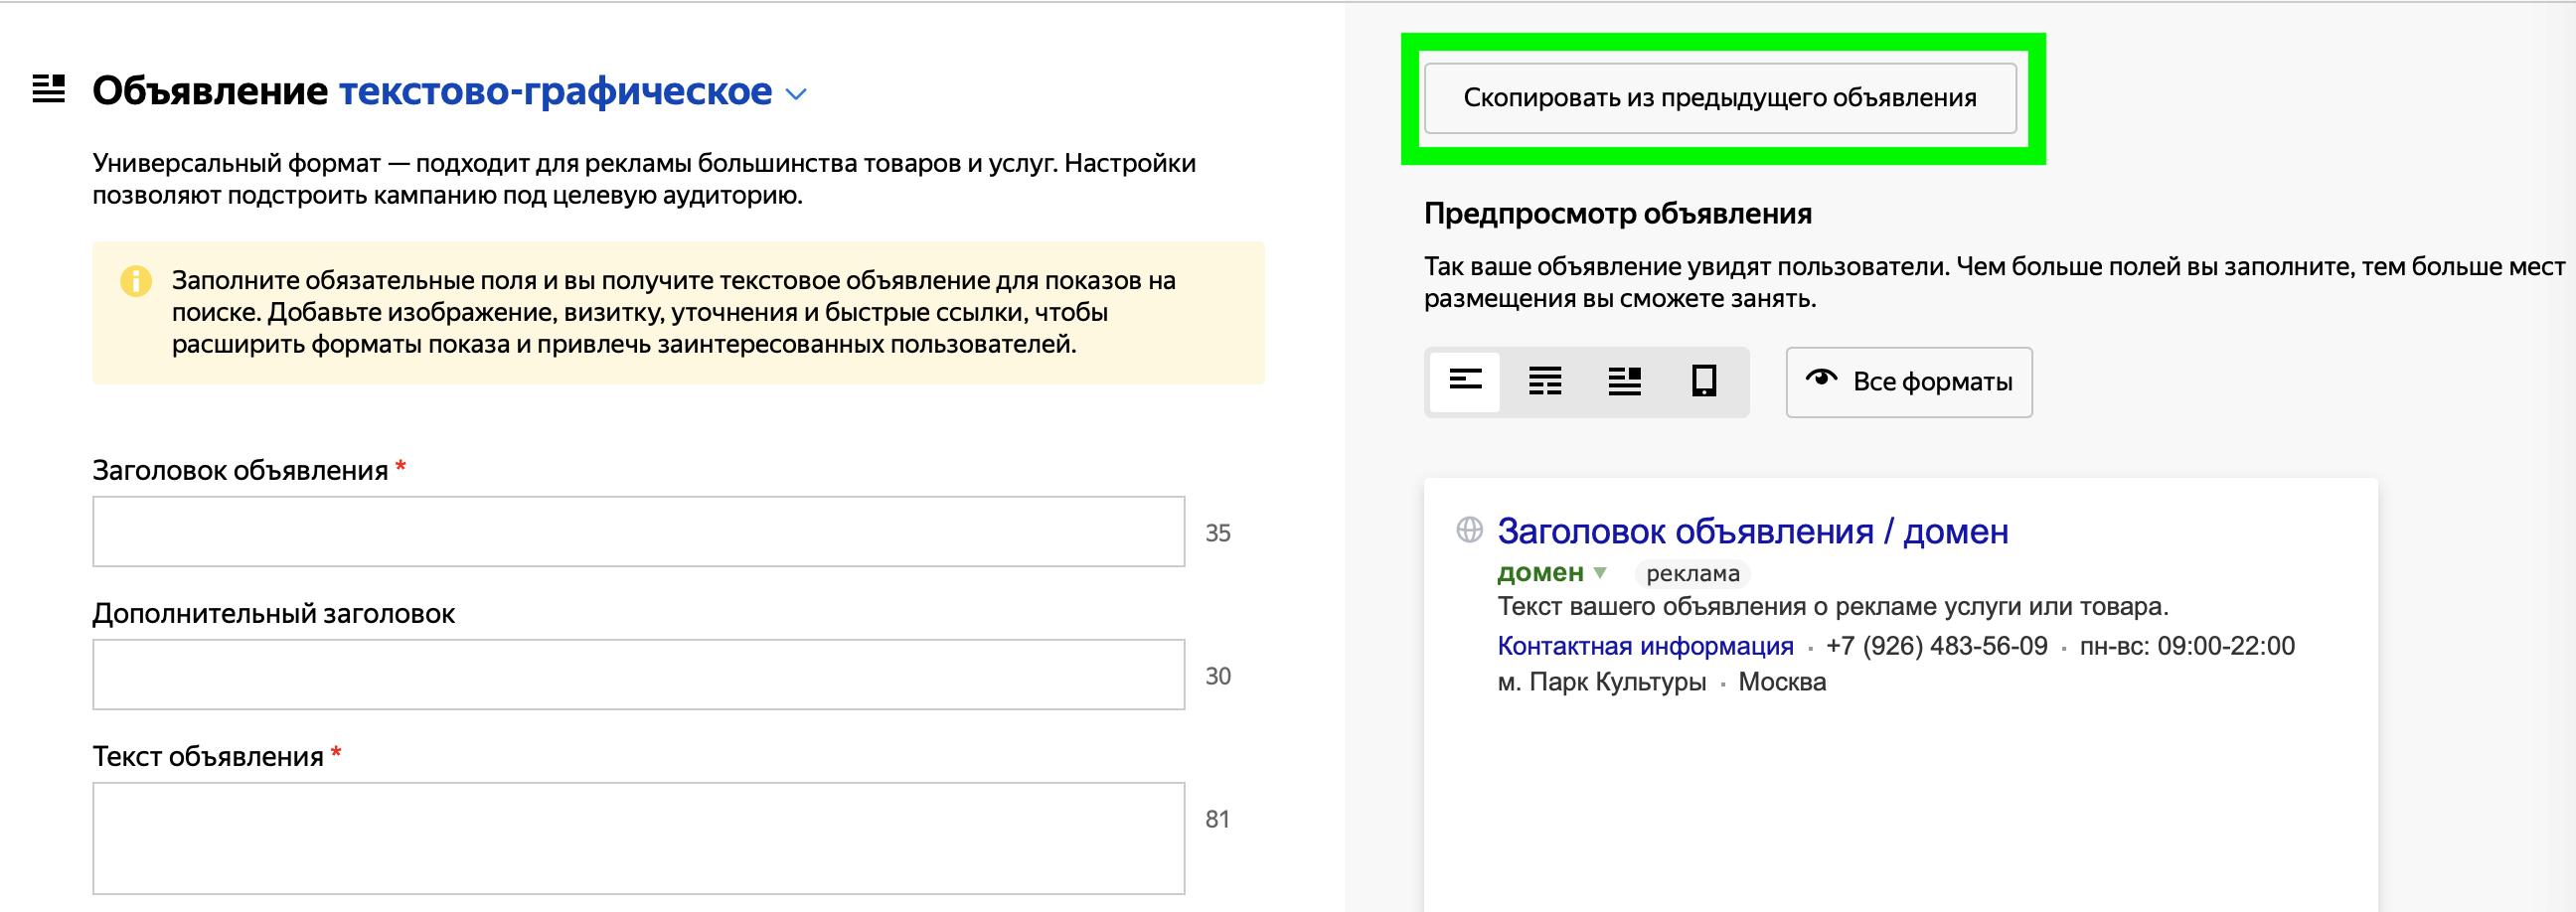 Изменения в новом интерфейсе Яндекс.Директ | IM